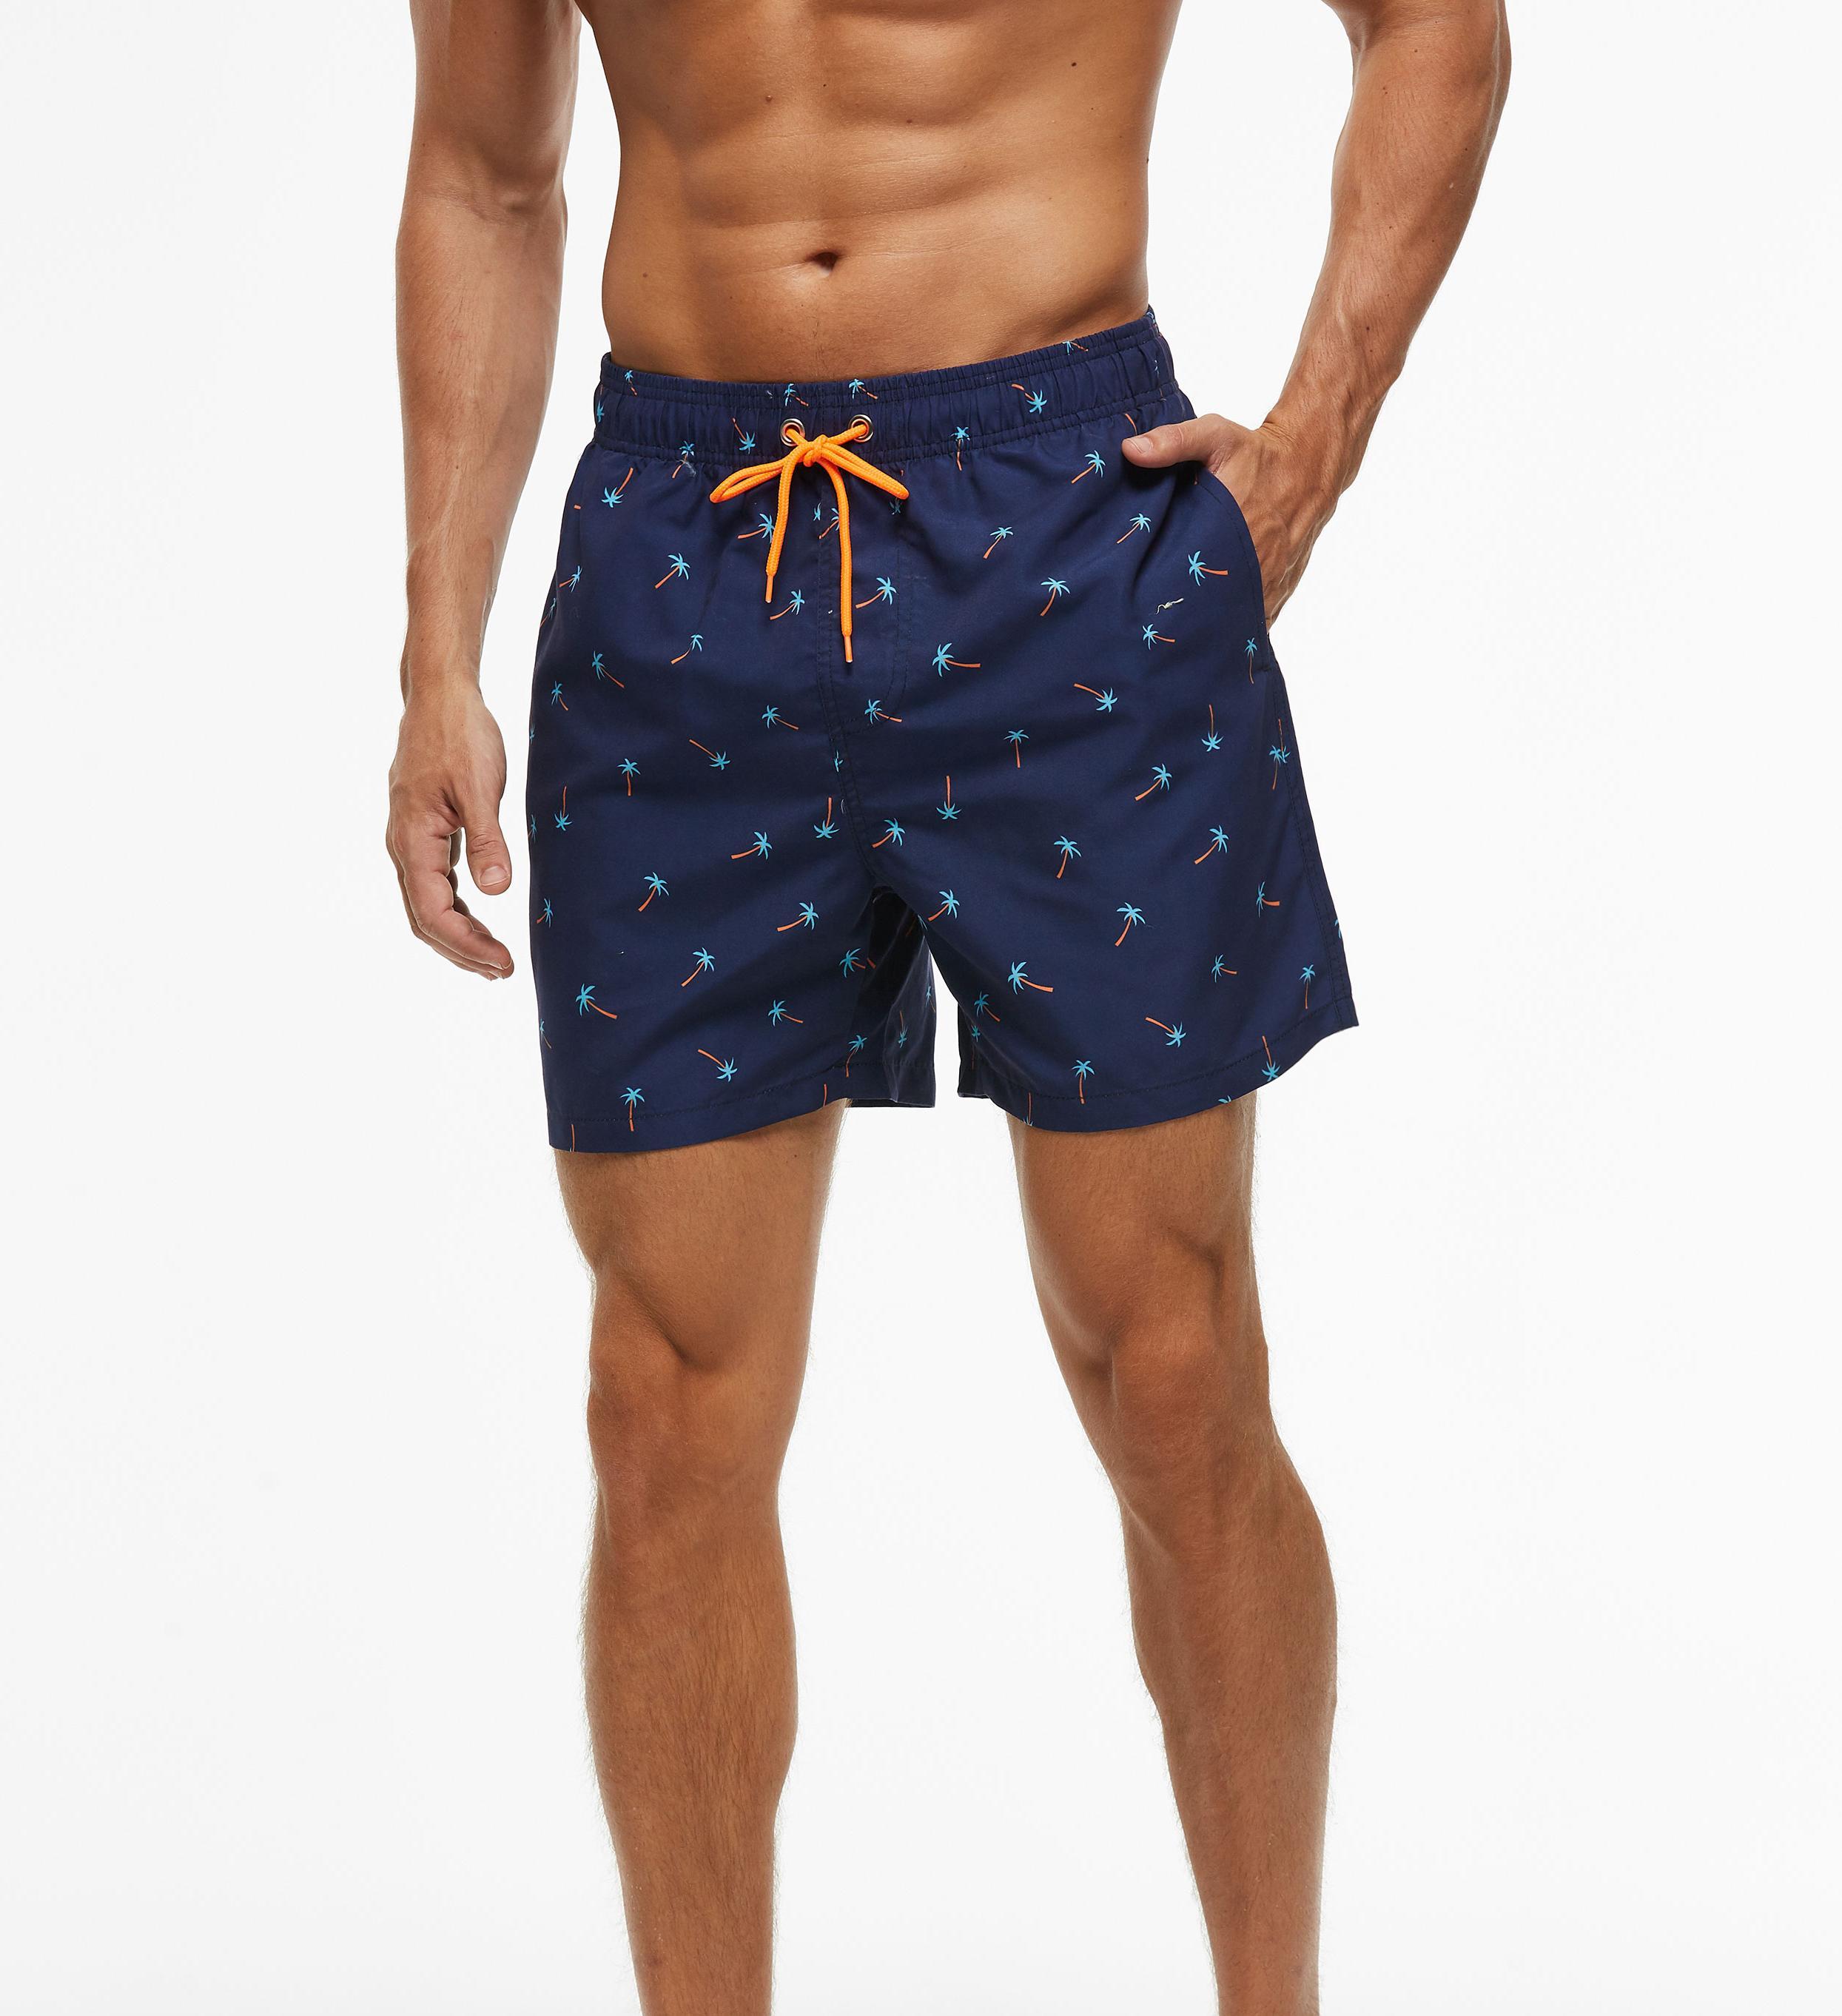 남성 수영 트렁크 퀵 드라이 해변 반바지 주머니와 함께 슈퍼 패션 보드 반바지 남자 인쇄 된 해변 수영 망 체육관 짧은 바지 06